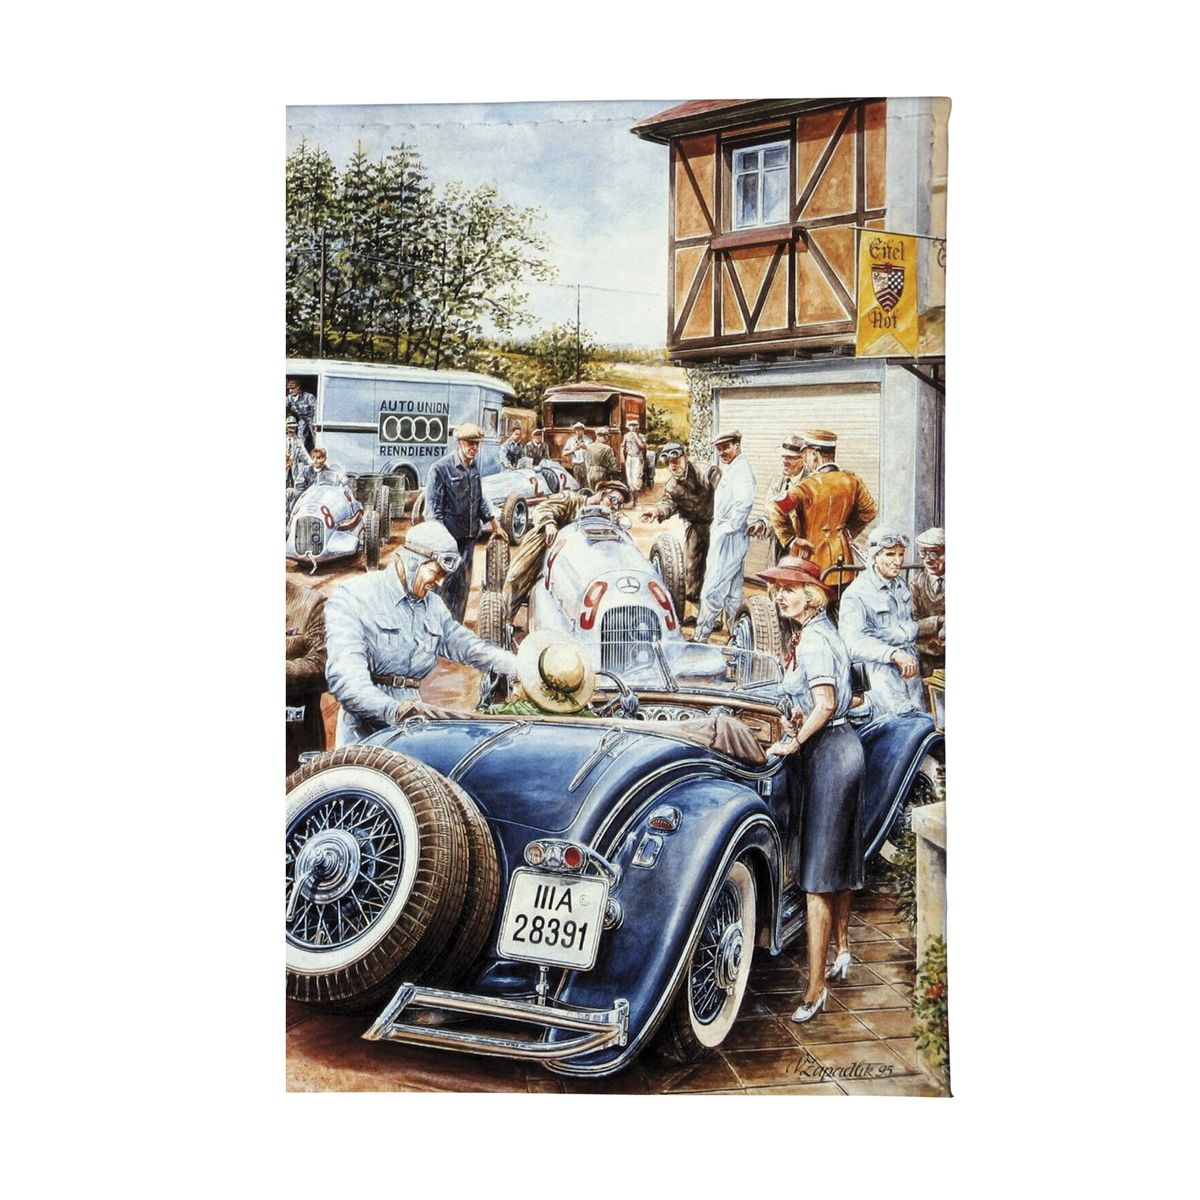 купить Обложка для автодокументов Ретро-гонка Арт. AUTO077 онлайн